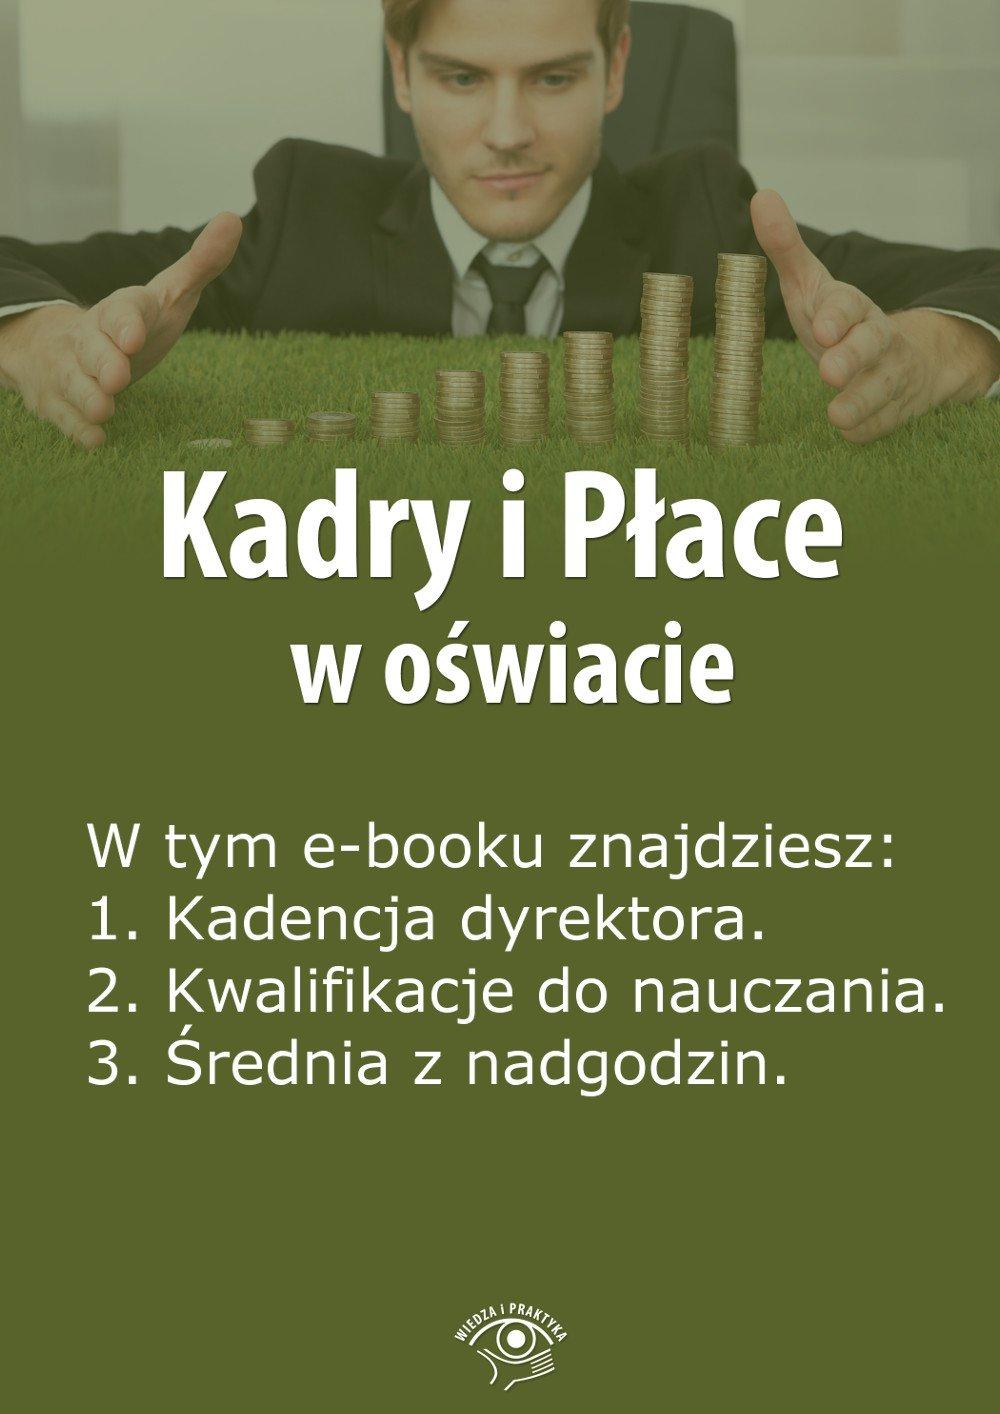 Kadry i Płace w oświacie. Wydanie maj 2014 r. - Ebook (Książka EPUB) do pobrania w formacie EPUB